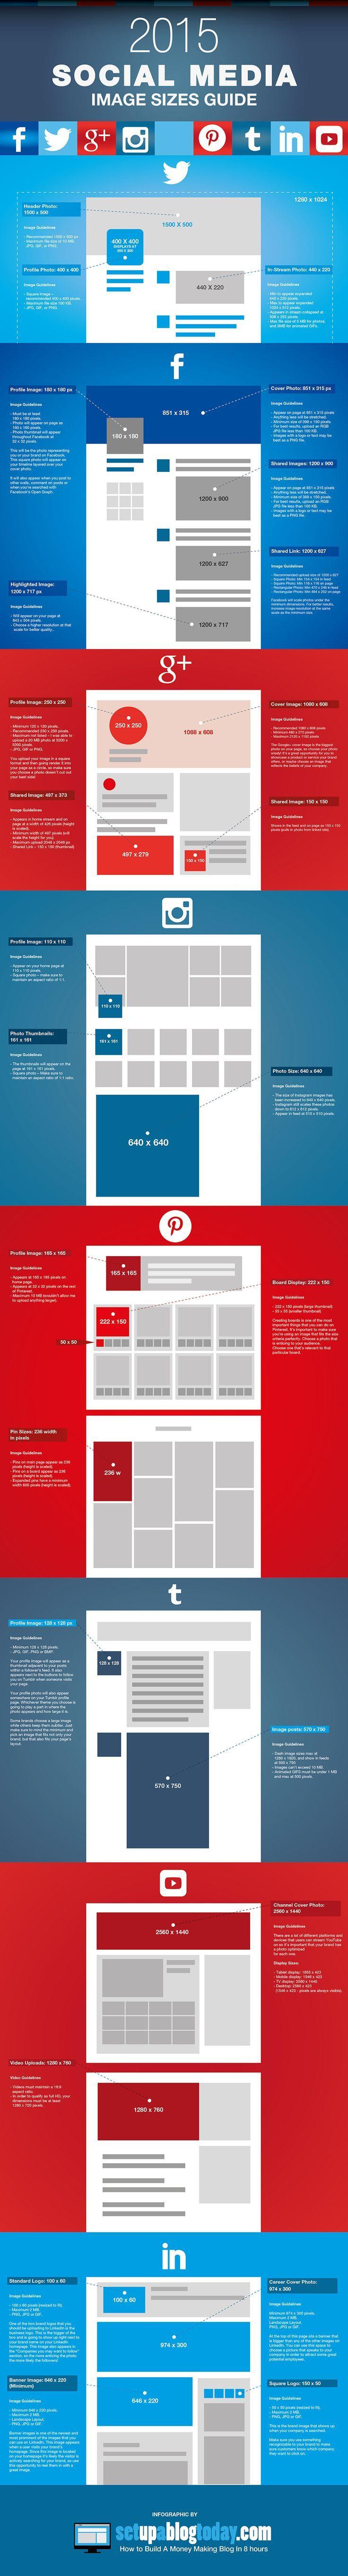 medidas_redes sociales